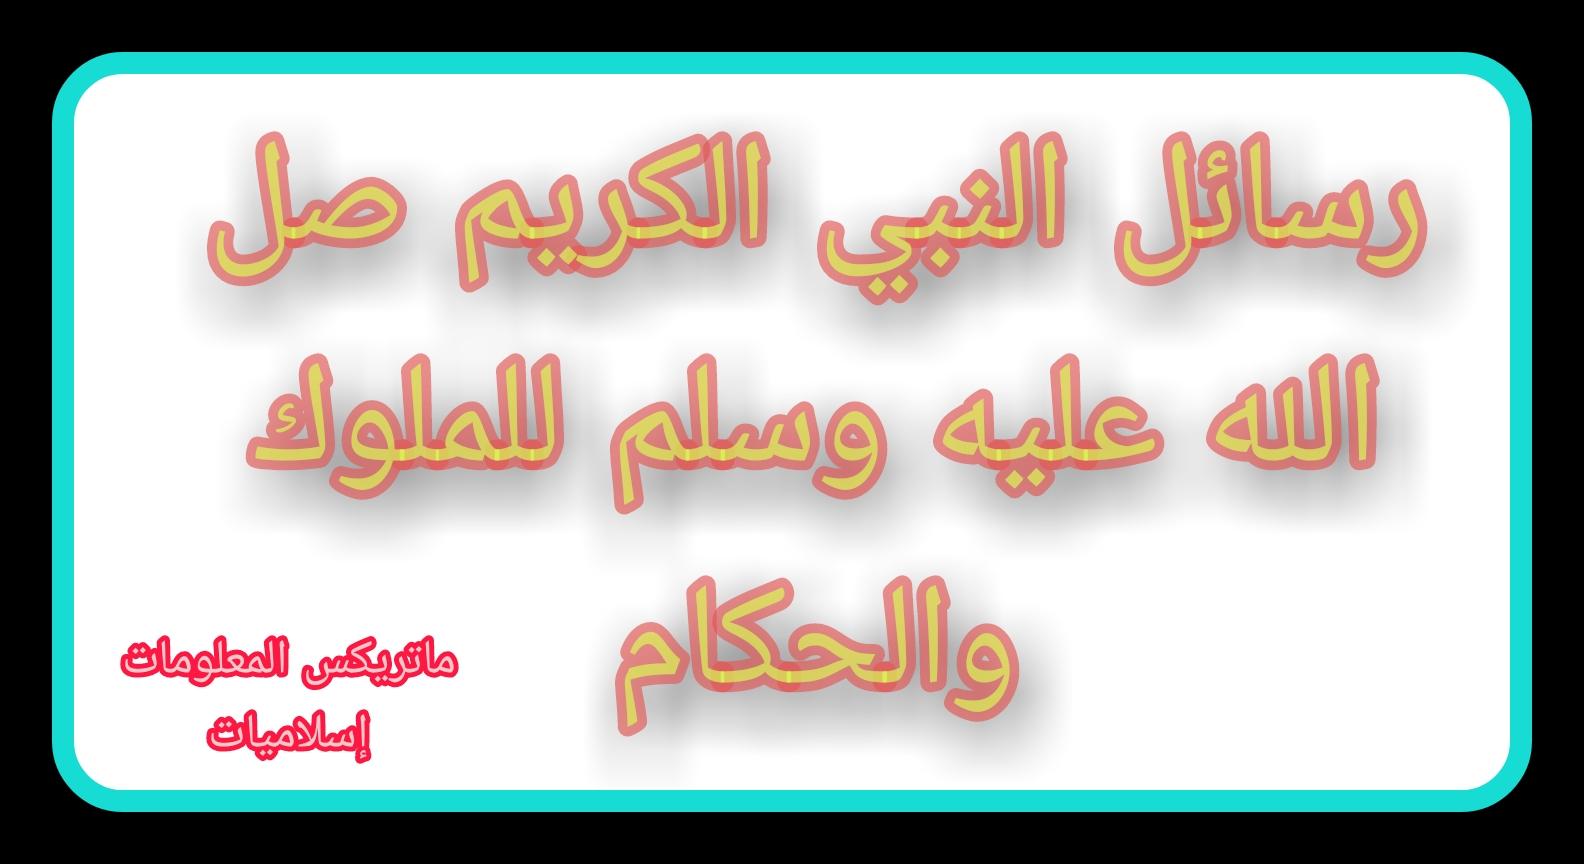 رسائل سيدنا محمد الى الملوك | رسائل النبى محمد للملوك والحكام